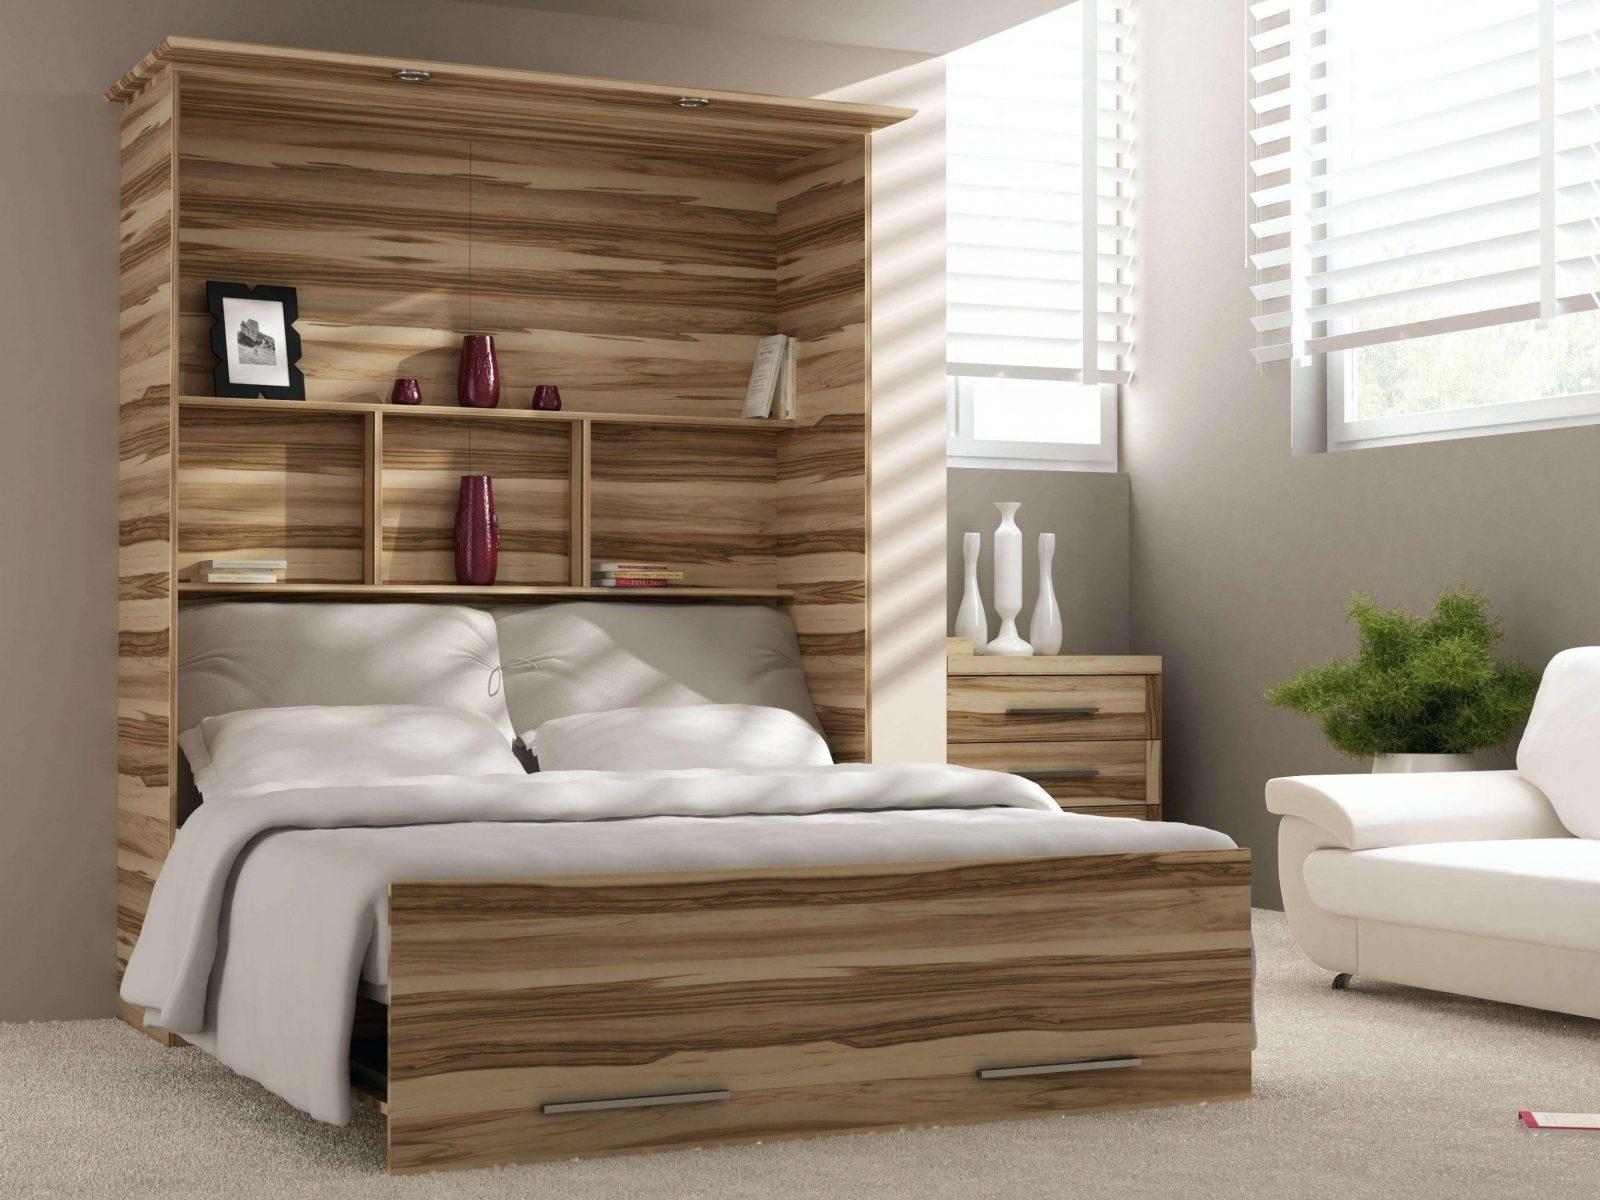 Schrankbett Klappbett Stunning Ko Chowane Exclusive Wb Xcm Wall Bed von Schrankbett Klappbett Selber Bauen Bild